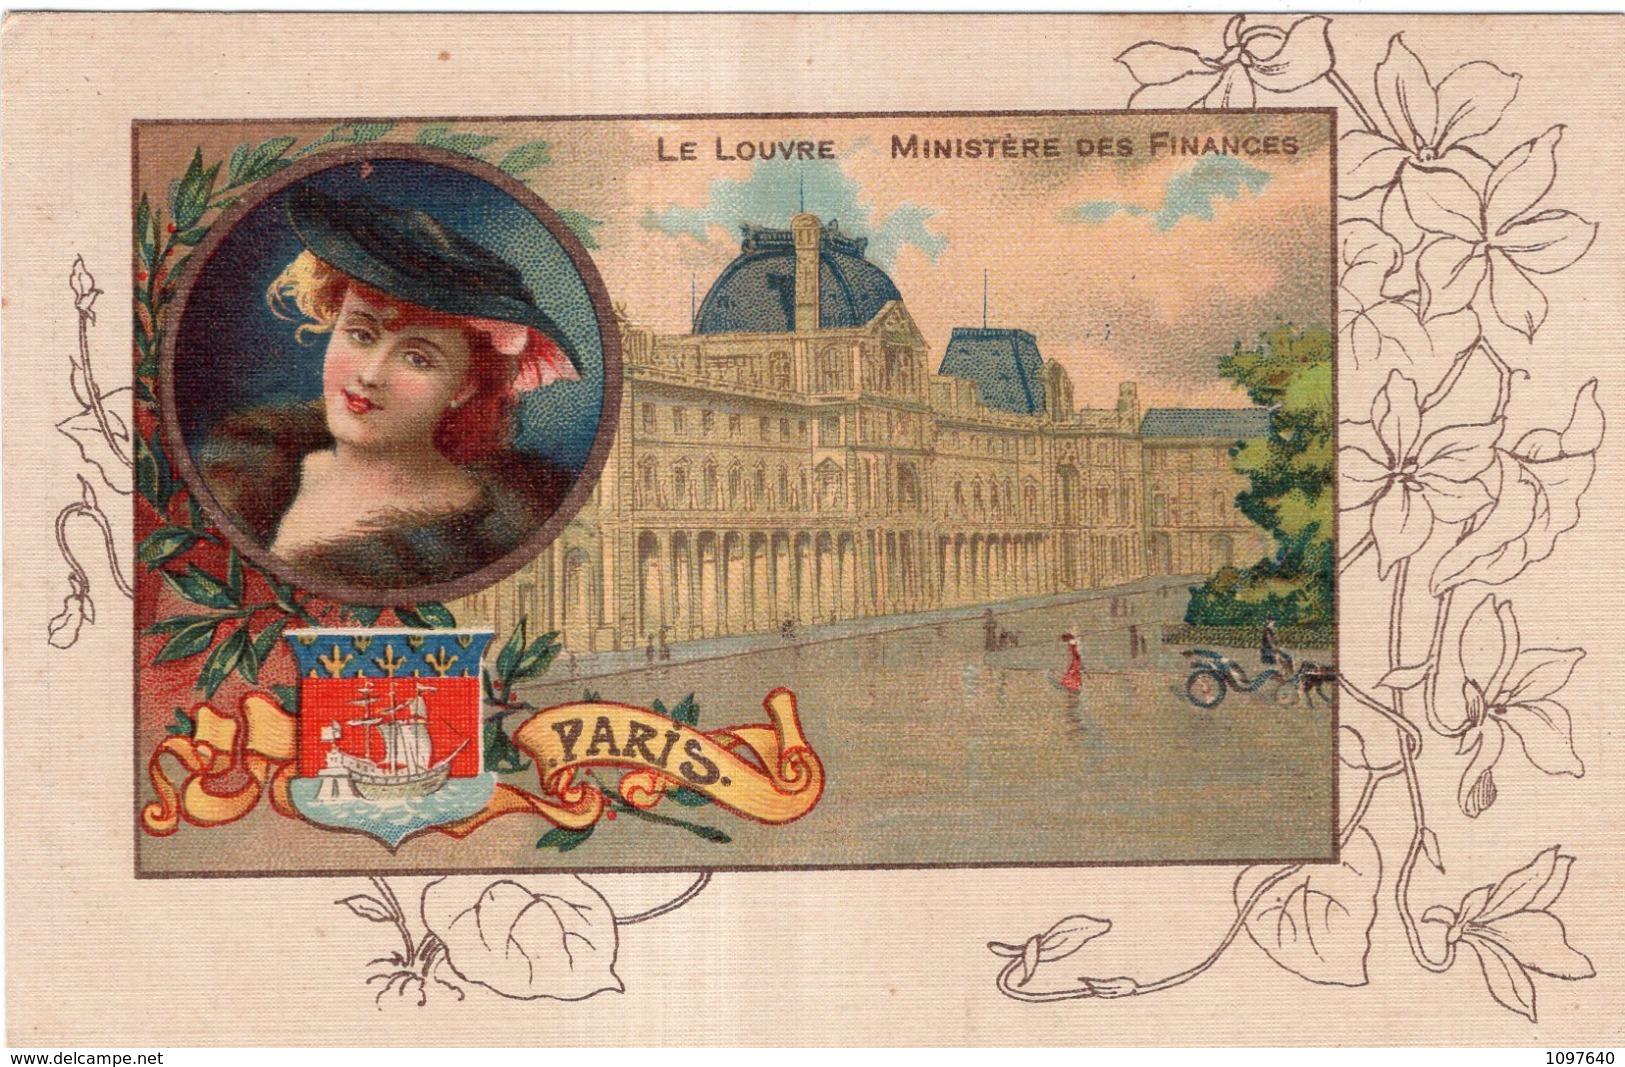 CHICOREE A LA MENAGERE PAPIER GRAINS DE CAFE LE LOUVRE MINISTERE DES FINANCES PARIS - Advertising